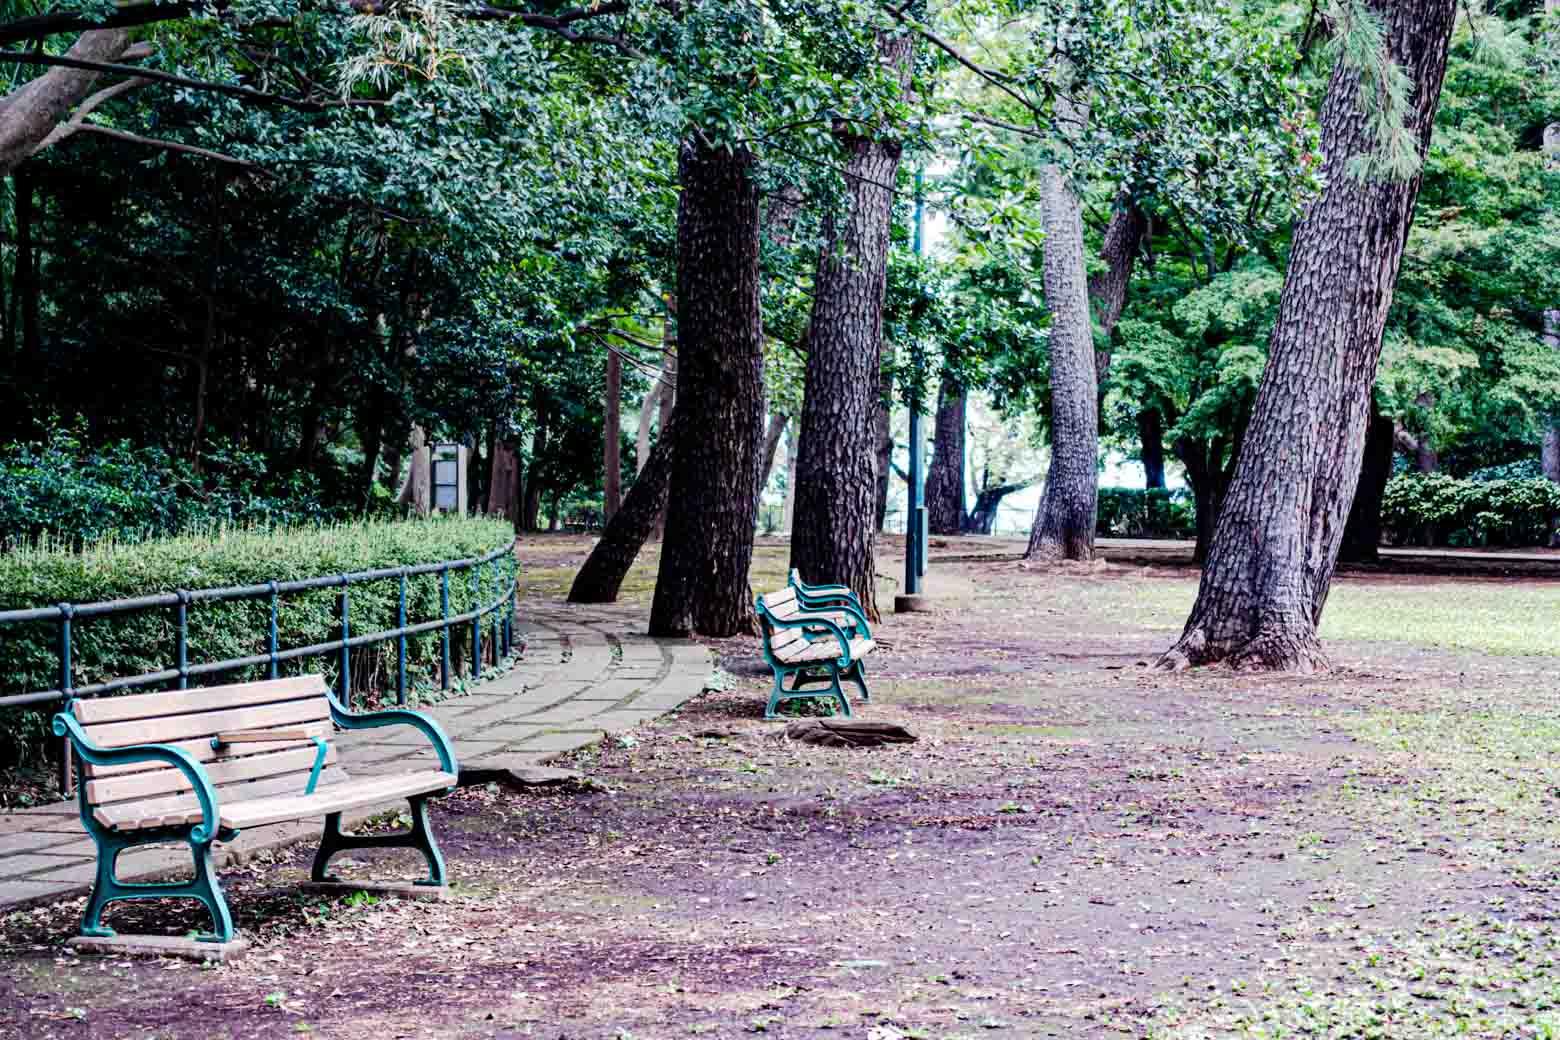 美しい梅林で知られる〈大倉山公園〉があります。ベンチや東屋が設置されていて、地域に住む人々の憩いの場となっています。